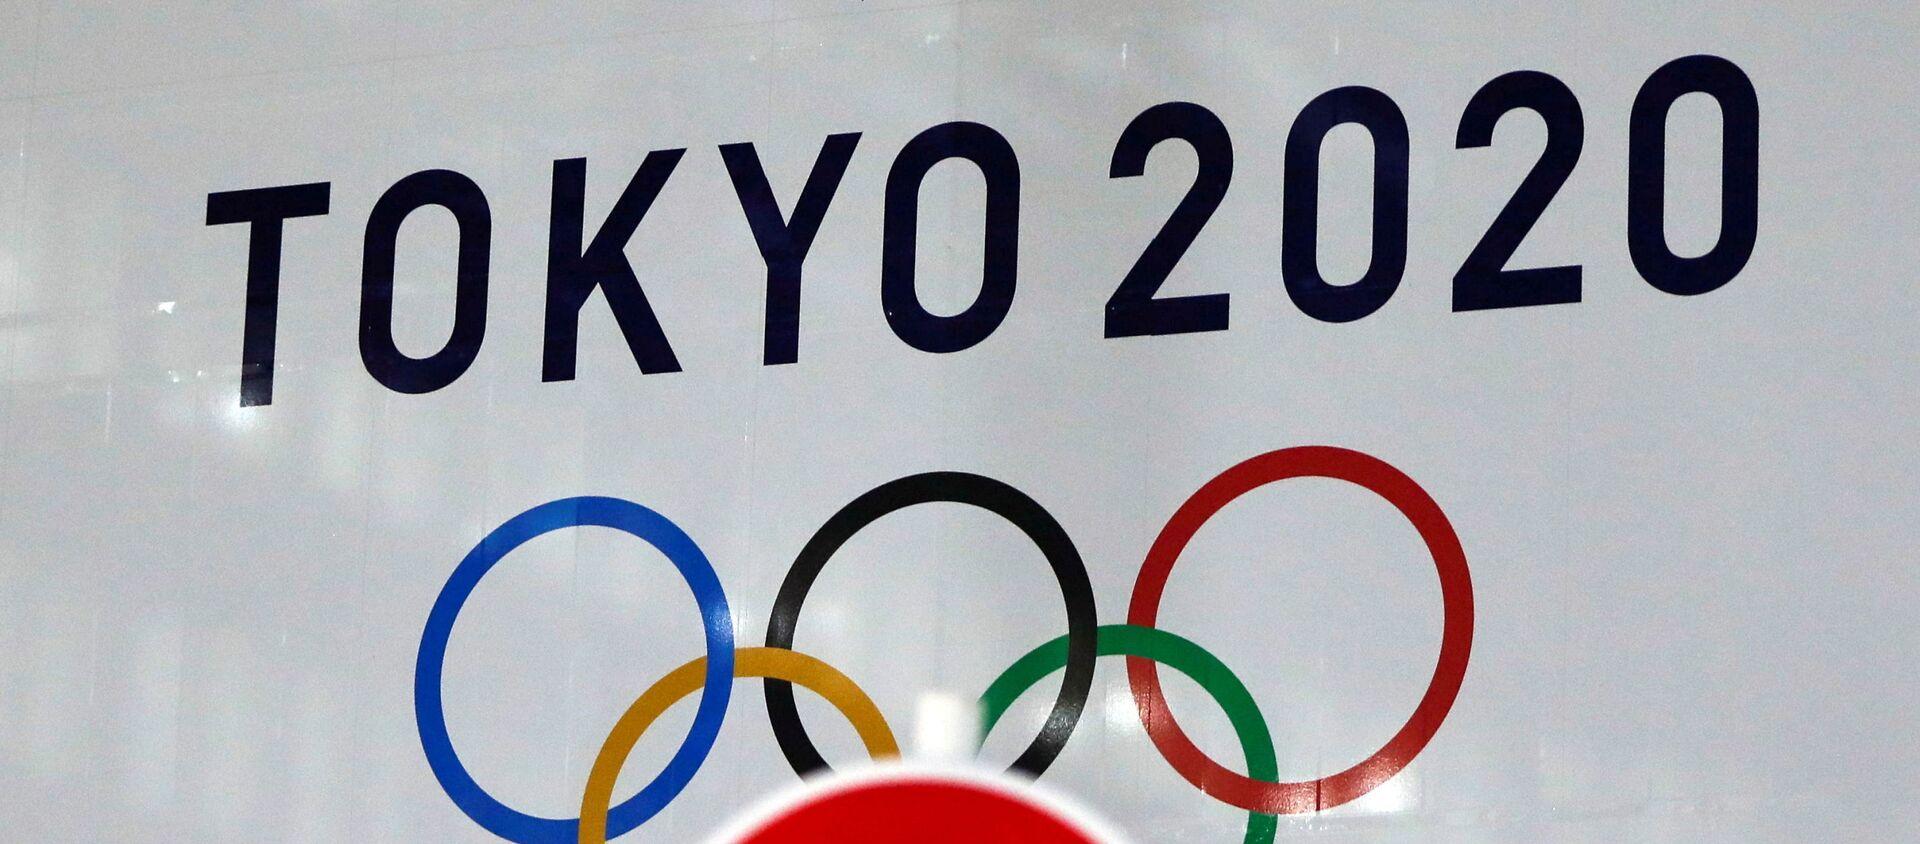 Tokyo 2020- Olimpiyat Oyunları - Sputnik Türkiye, 1920, 08.07.2021